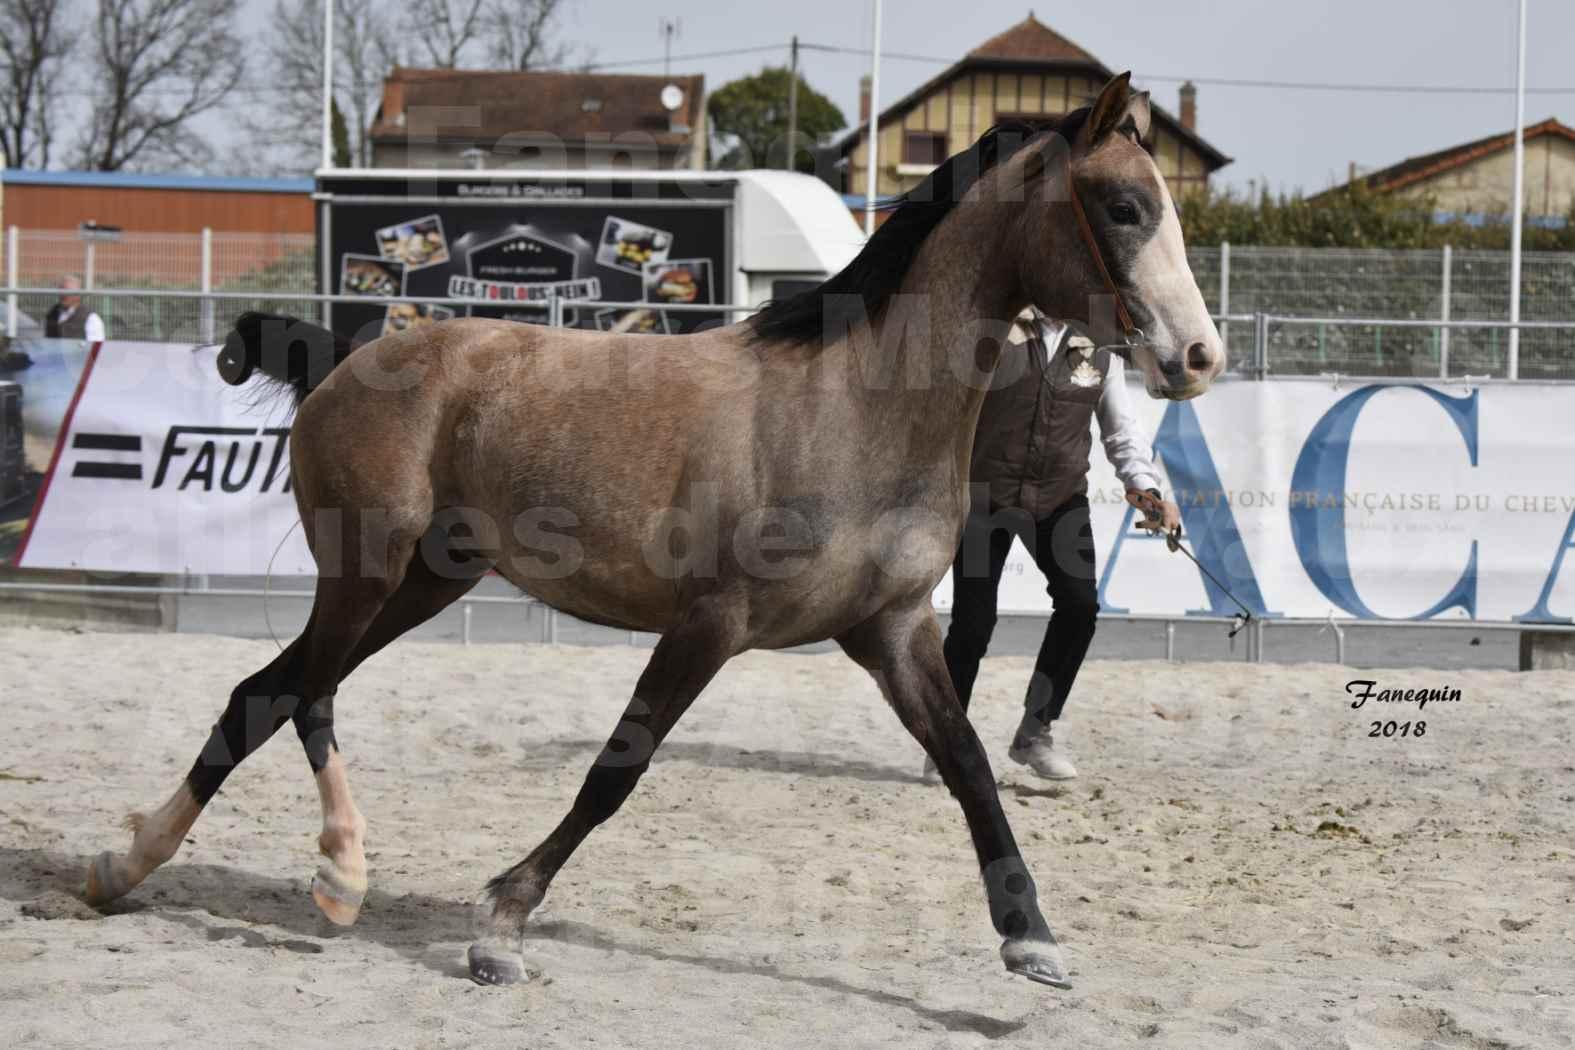 Concours d'élevage de Chevaux Arabes - D. S. A. - A. A. - ALBI les 6 & 7 Avril 2018 - FLORIA DU PUECH - Notre Sélection 10